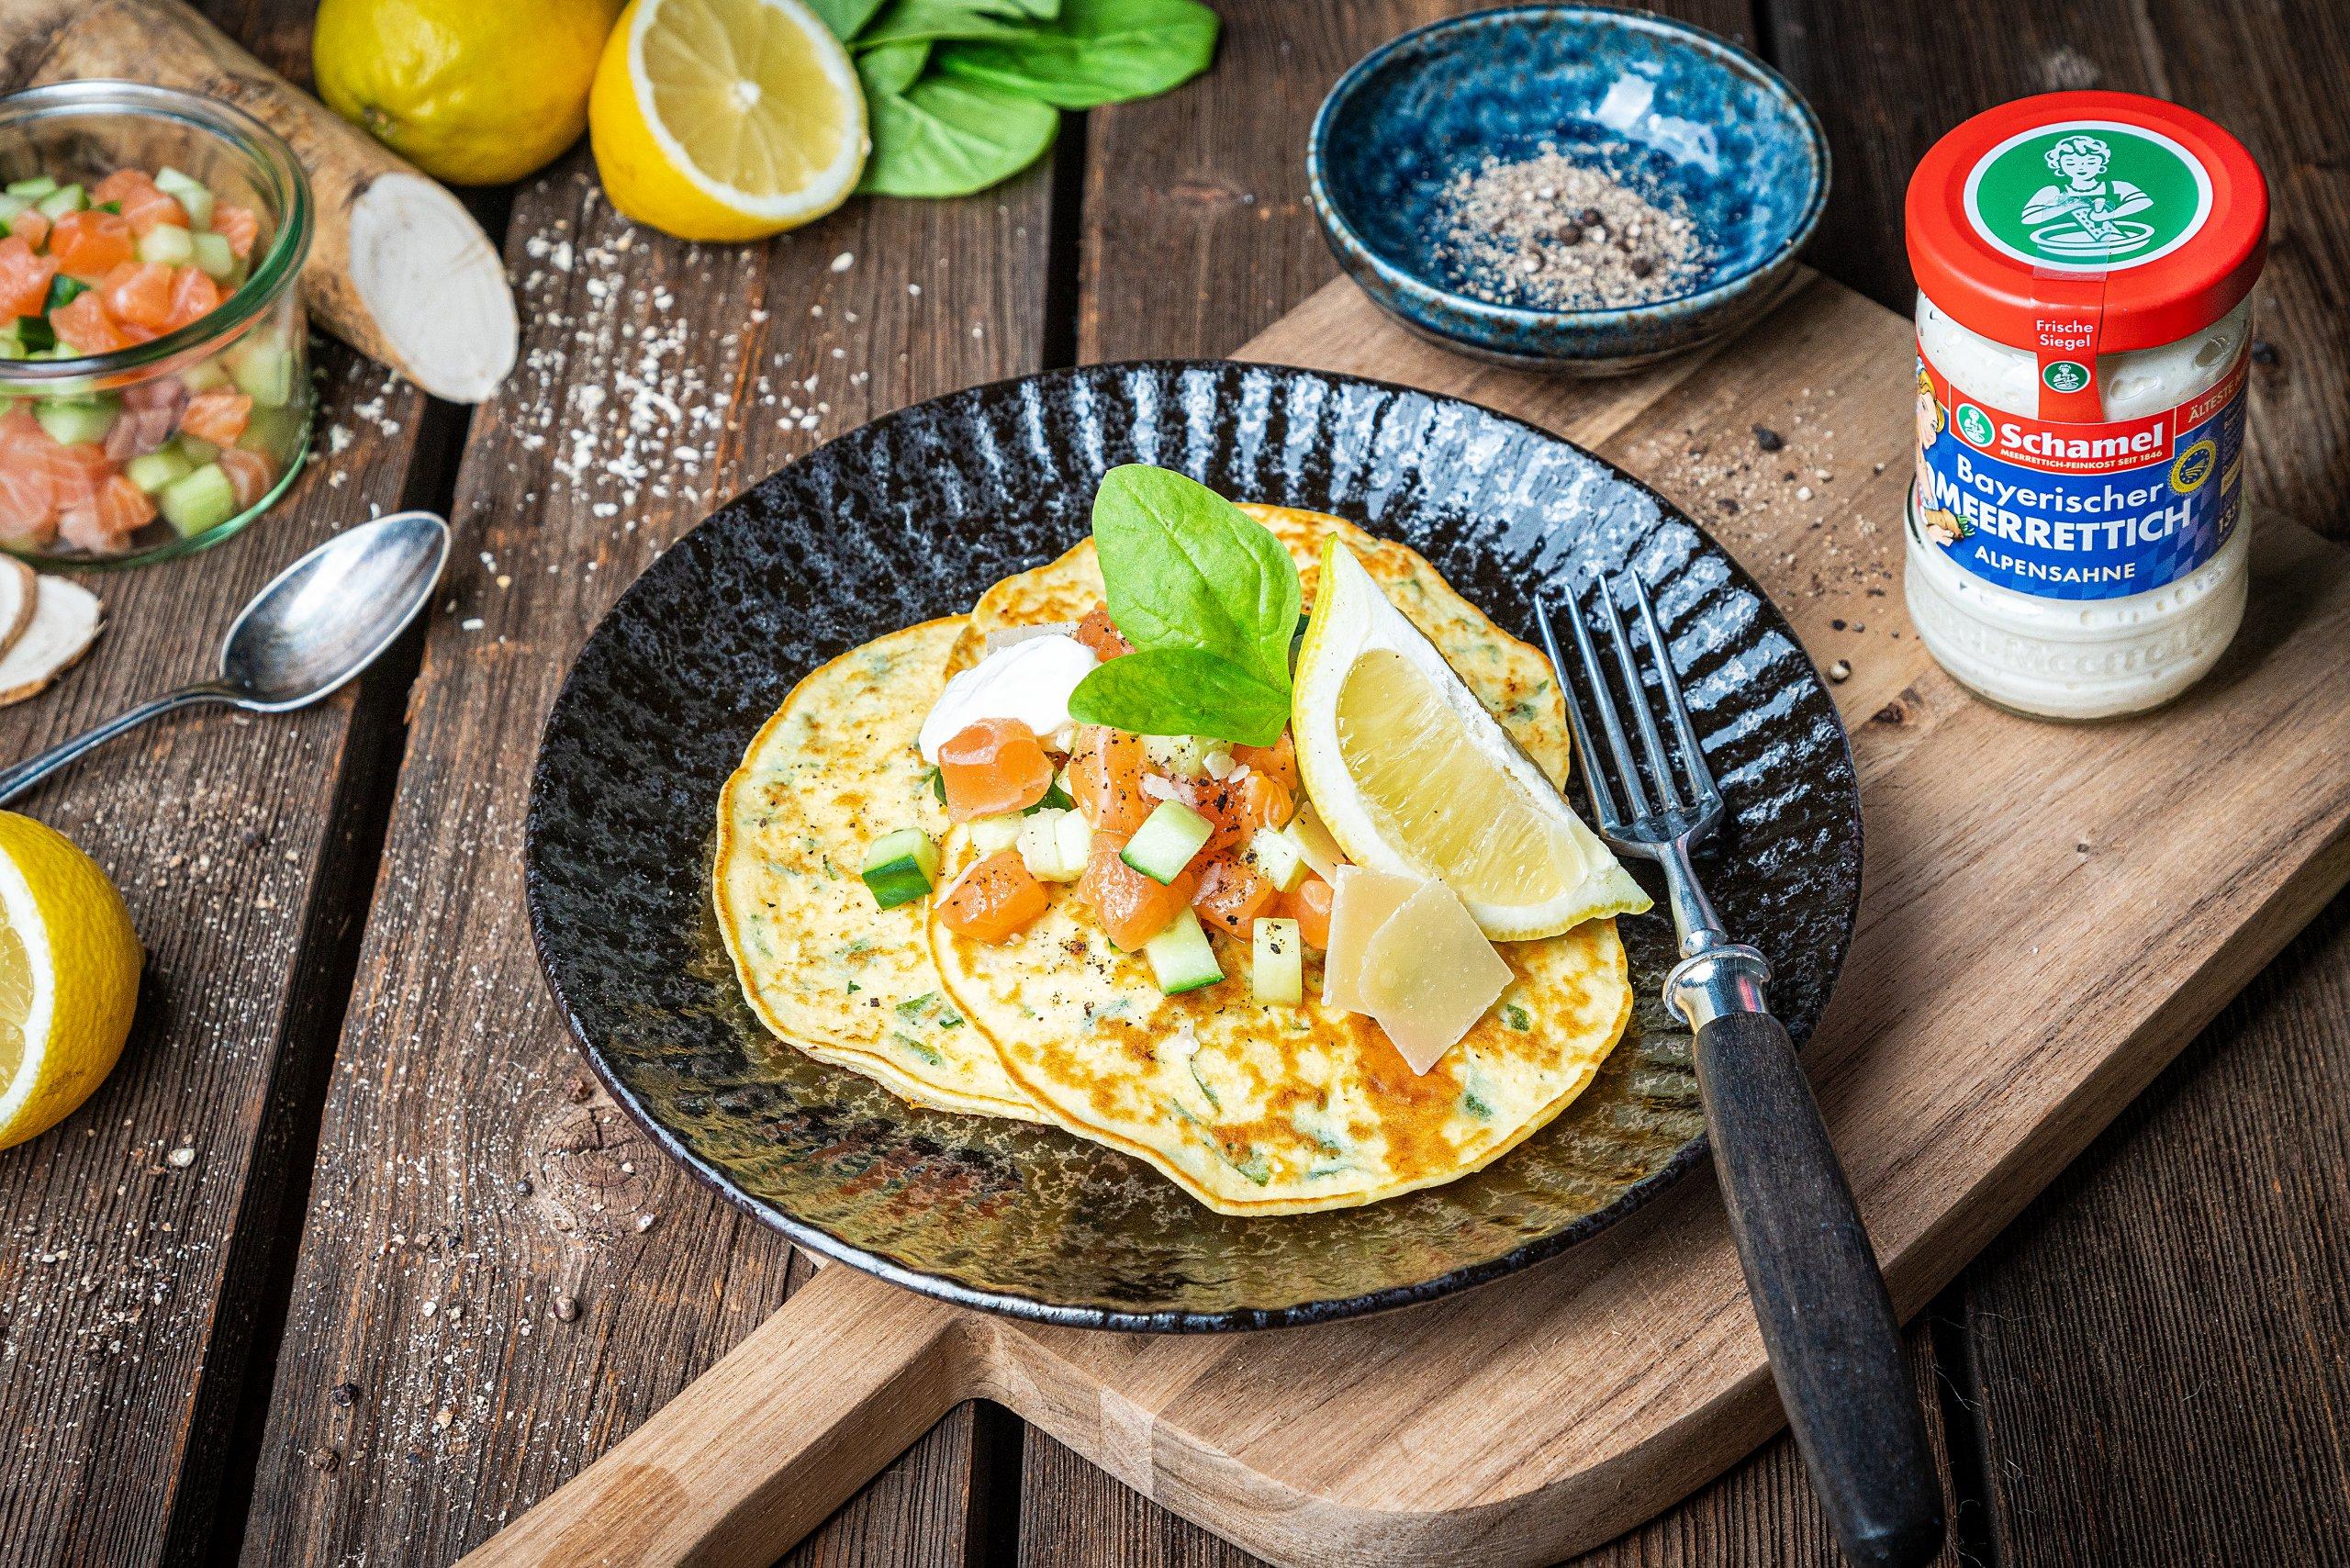 Teller mit Spinat-Pancakes und Lachs-Meerrettich-Tatar